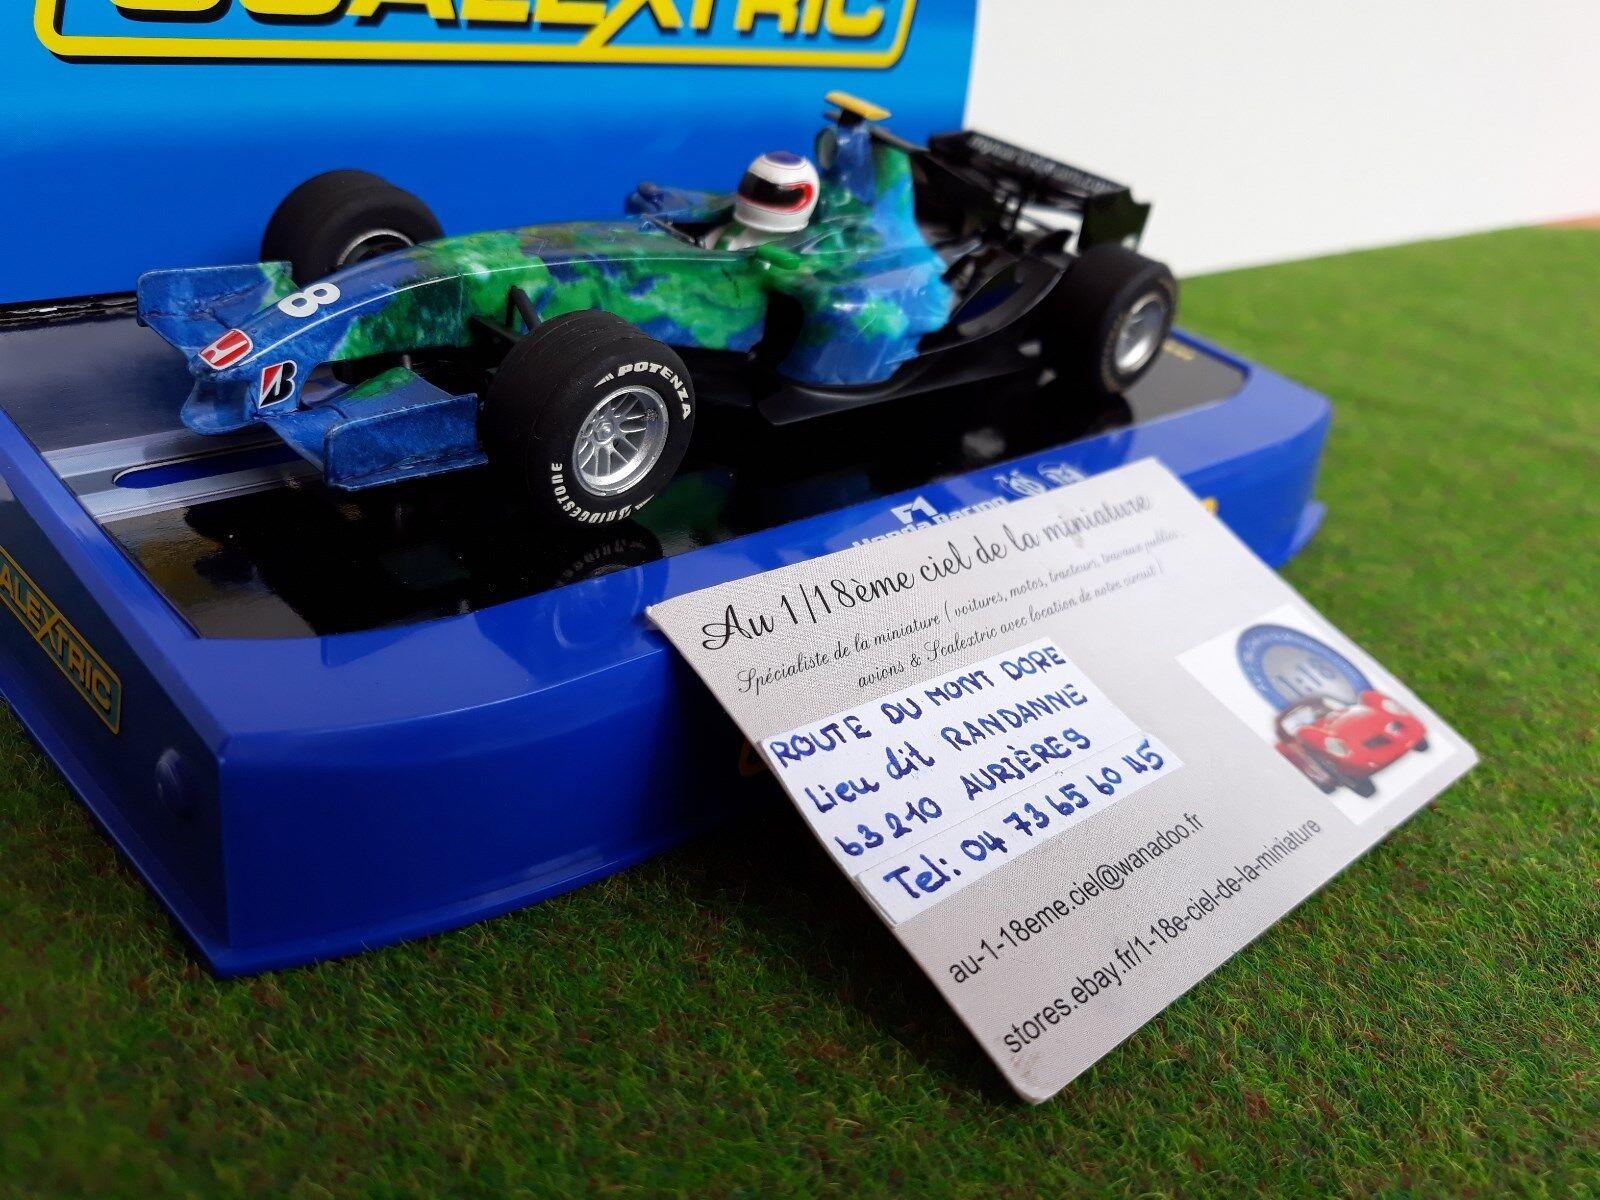 F1 HONDA formule 1  1 32 SCALEXTRIC C2840 voiture miniature circuit routier SLOT